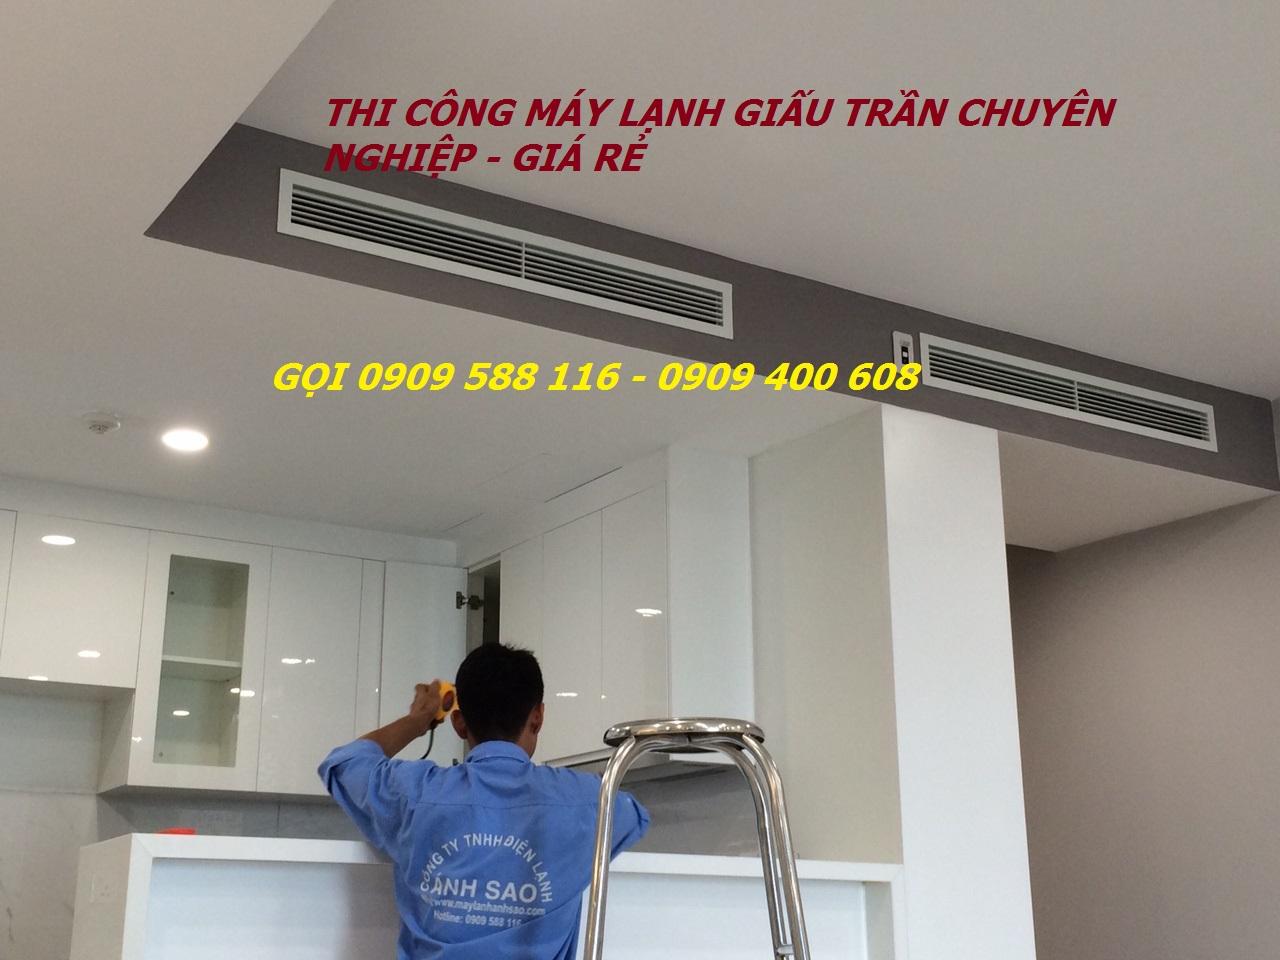 Chuyên lắp đặt Máy lạnh giấu trần Daikin nối ống gió cho căn hộ